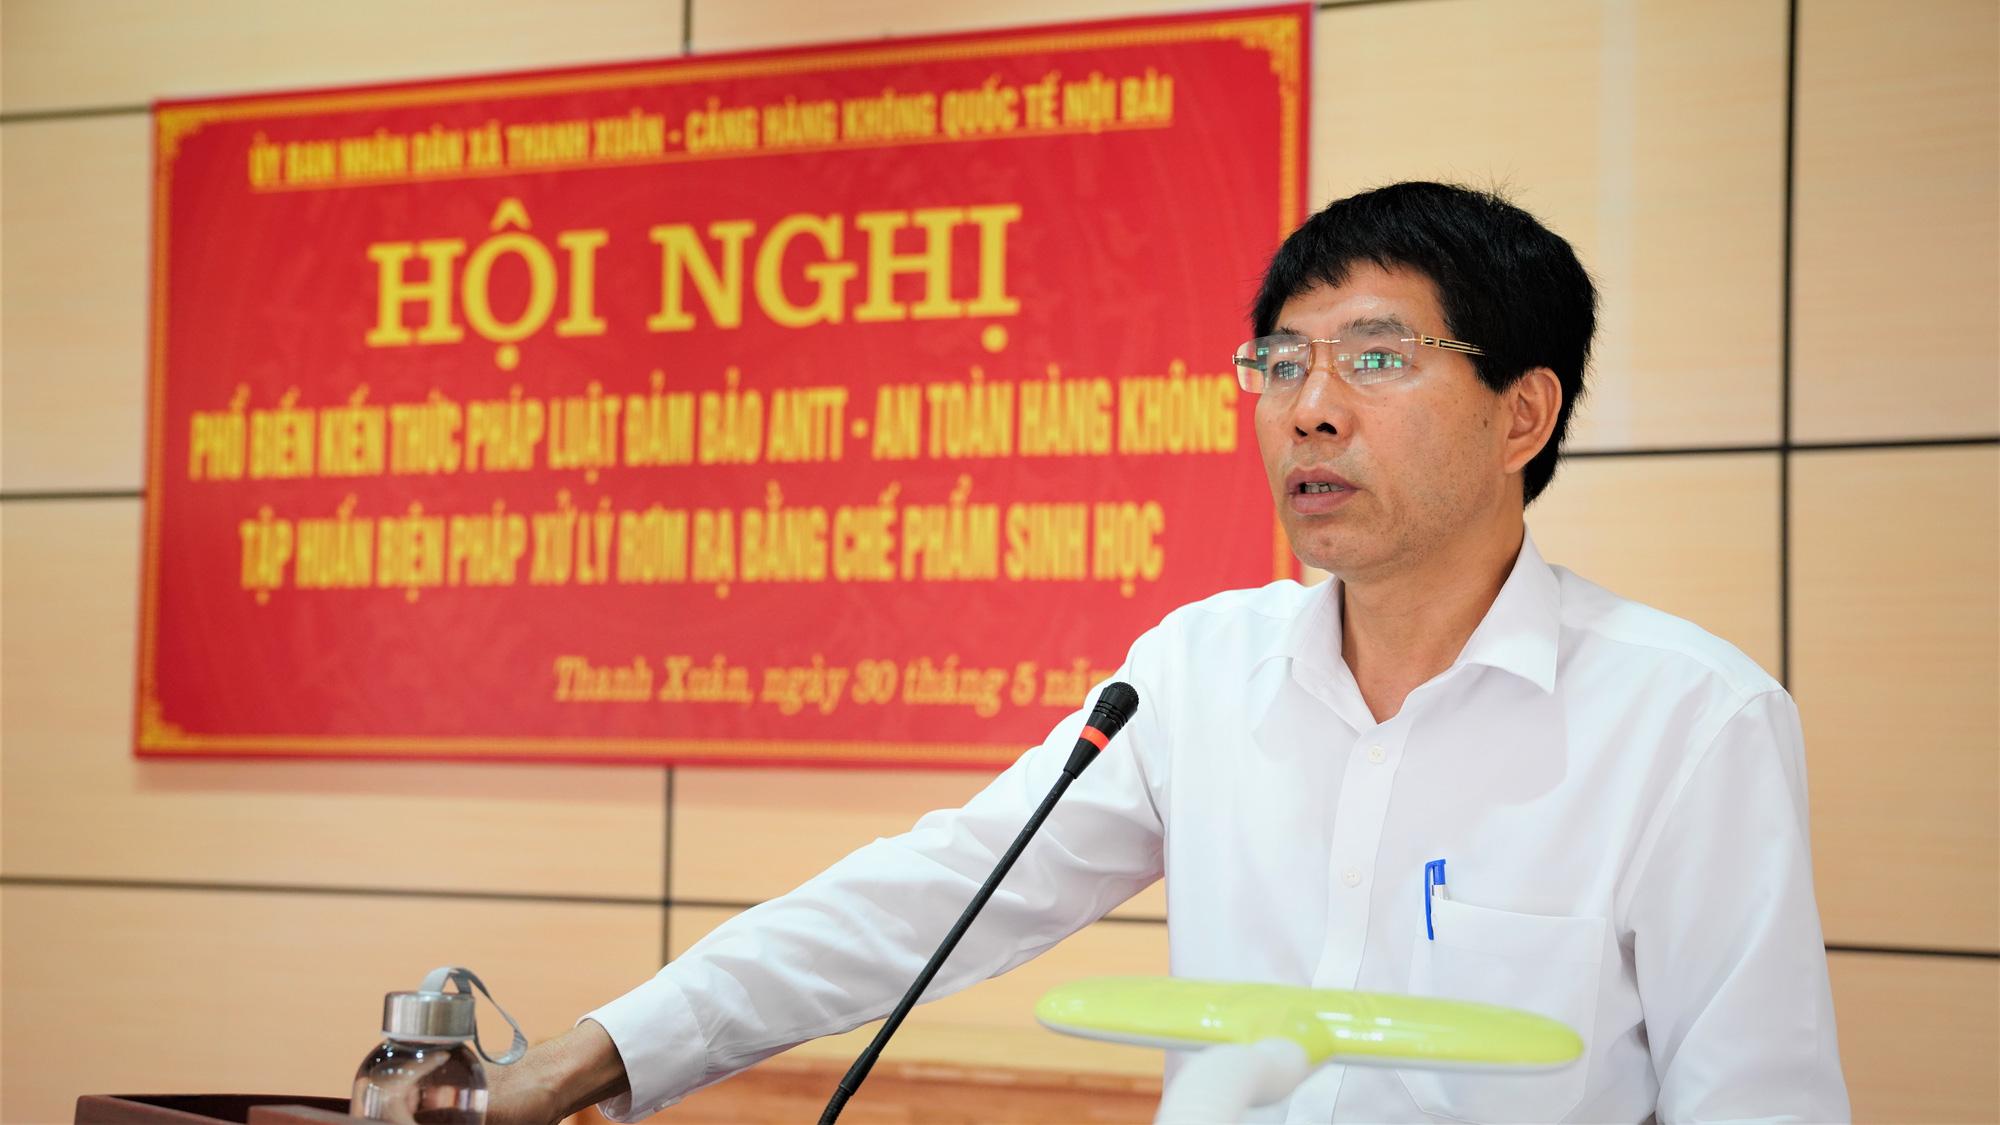 Nội Bài tuyên truyền về an toàn hàng không cho người dân khu vực giáp ranh sân bay - Ảnh 6.